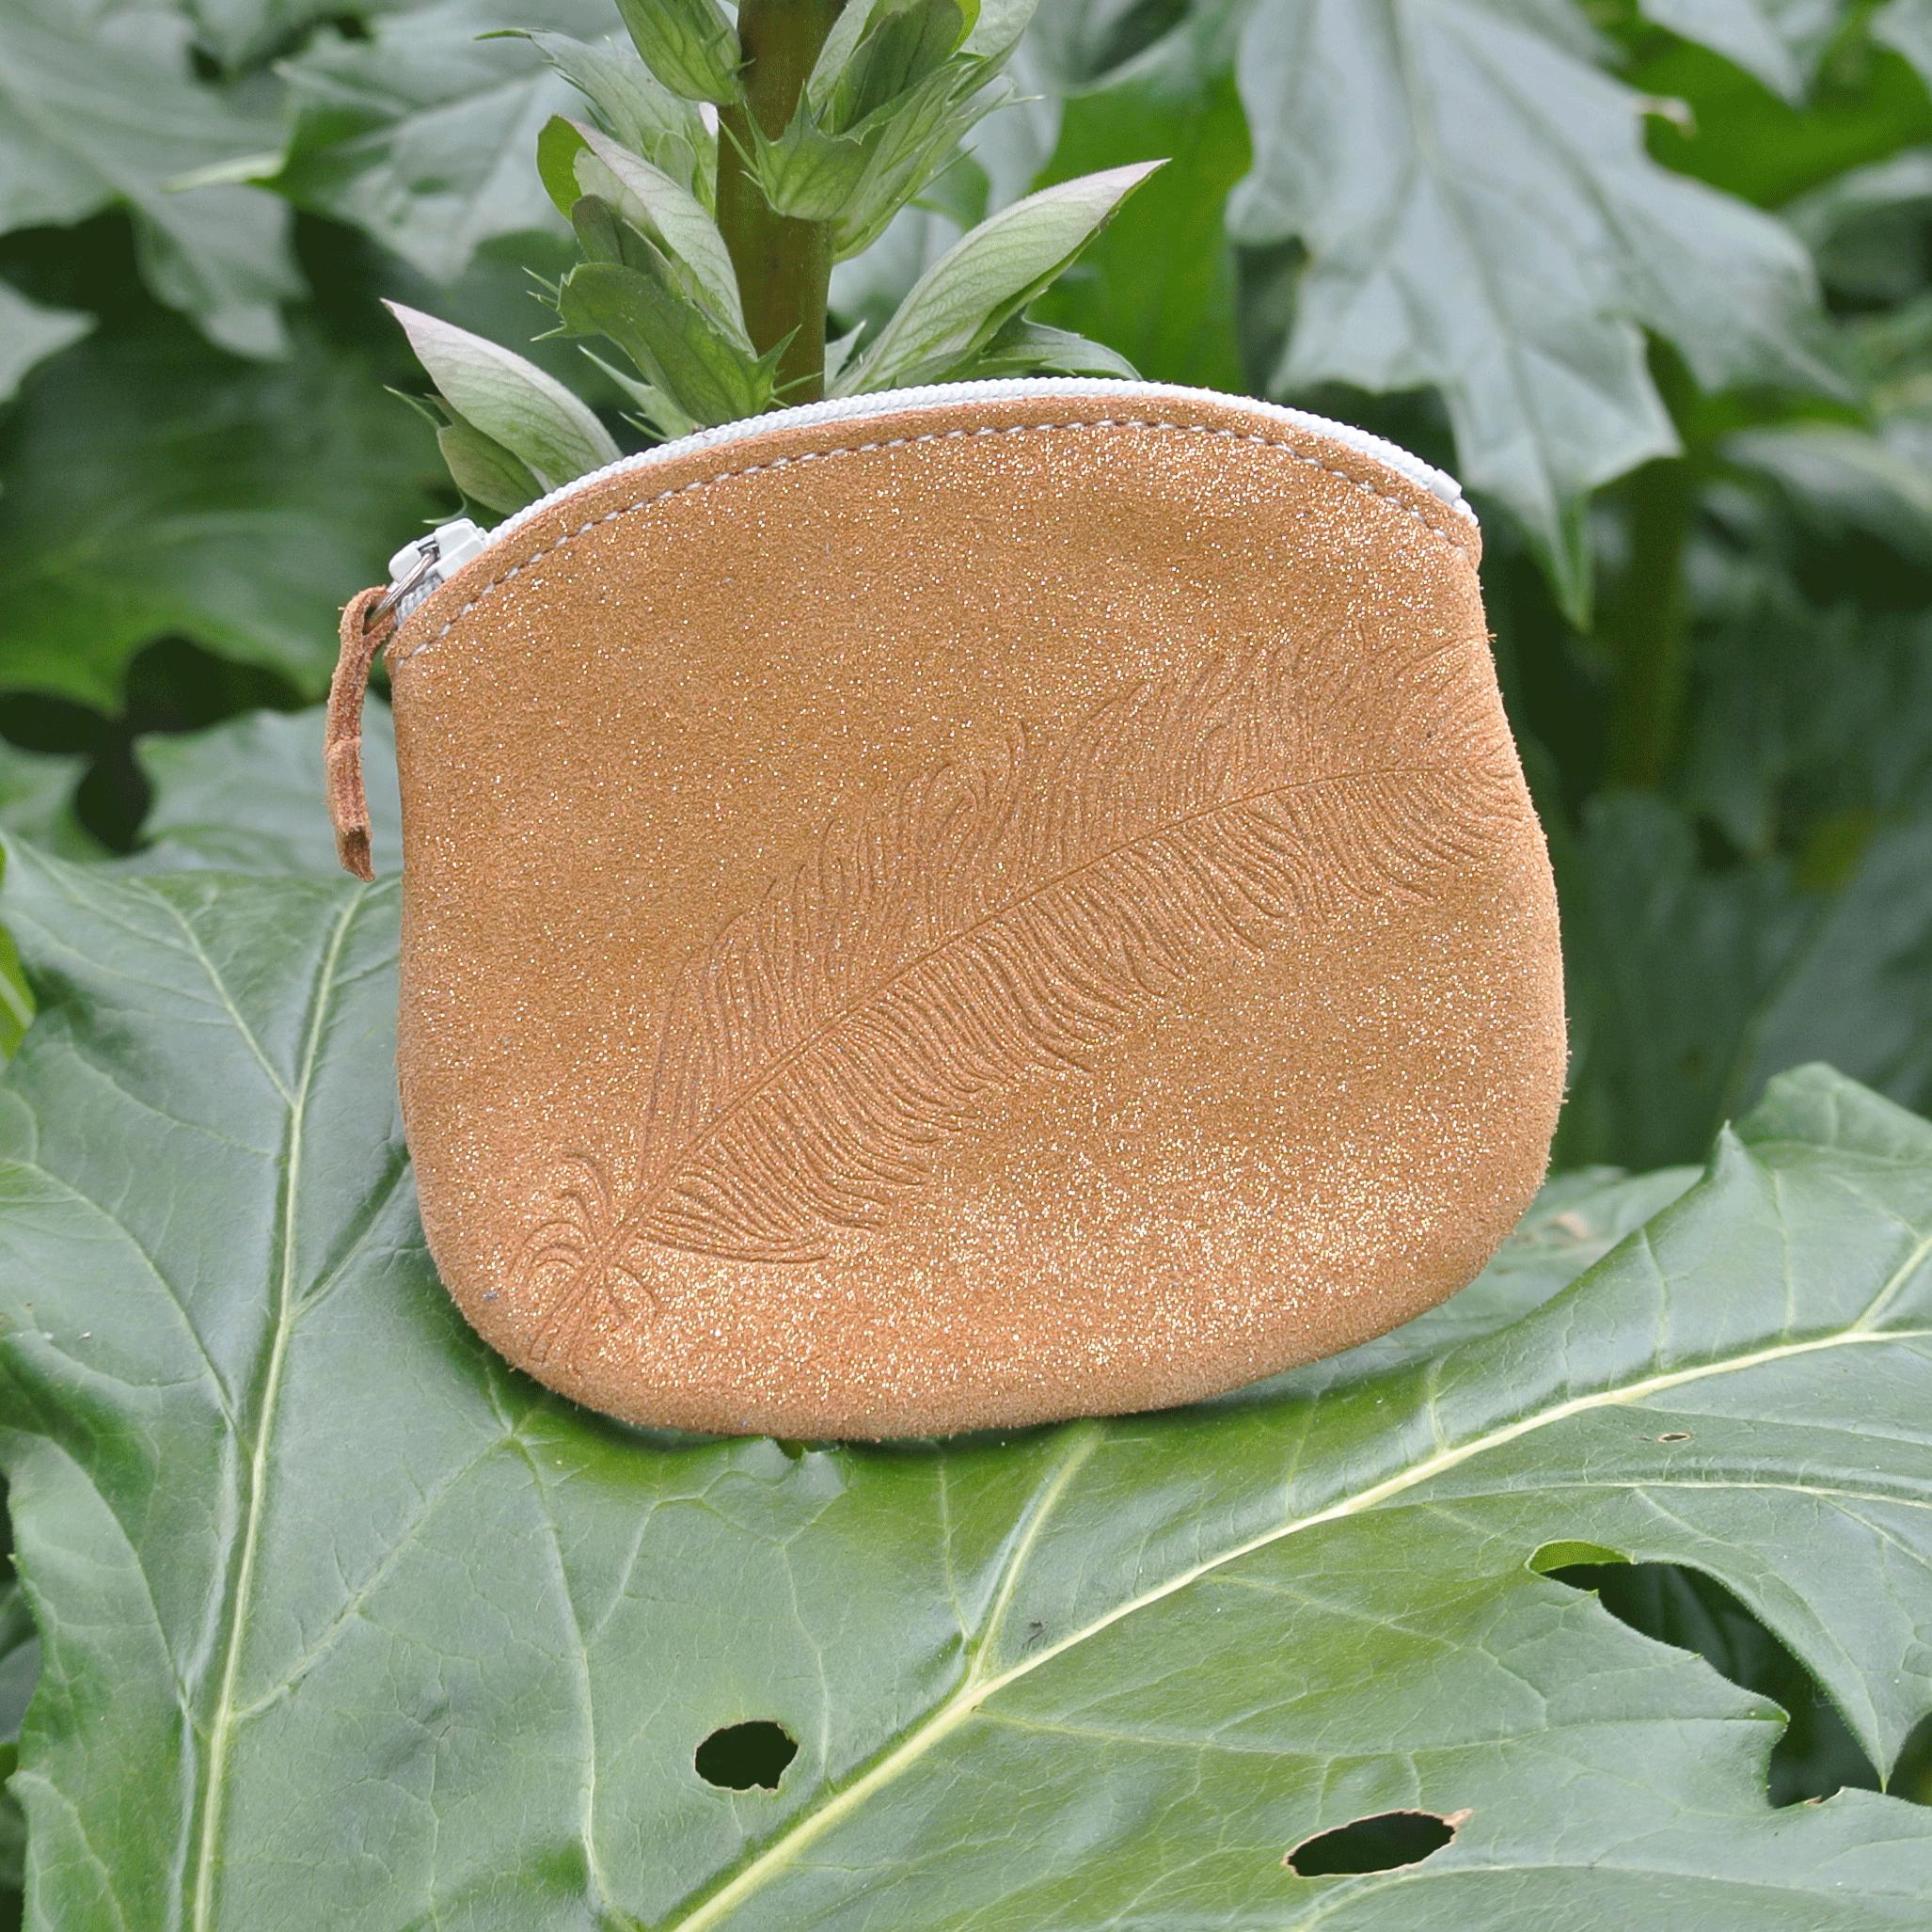 cuirs-fantaisies-la-cartabliere-fabrique-en-france-porte-monnaie-plume-panache-en-cuir-paillete-caramel-dore